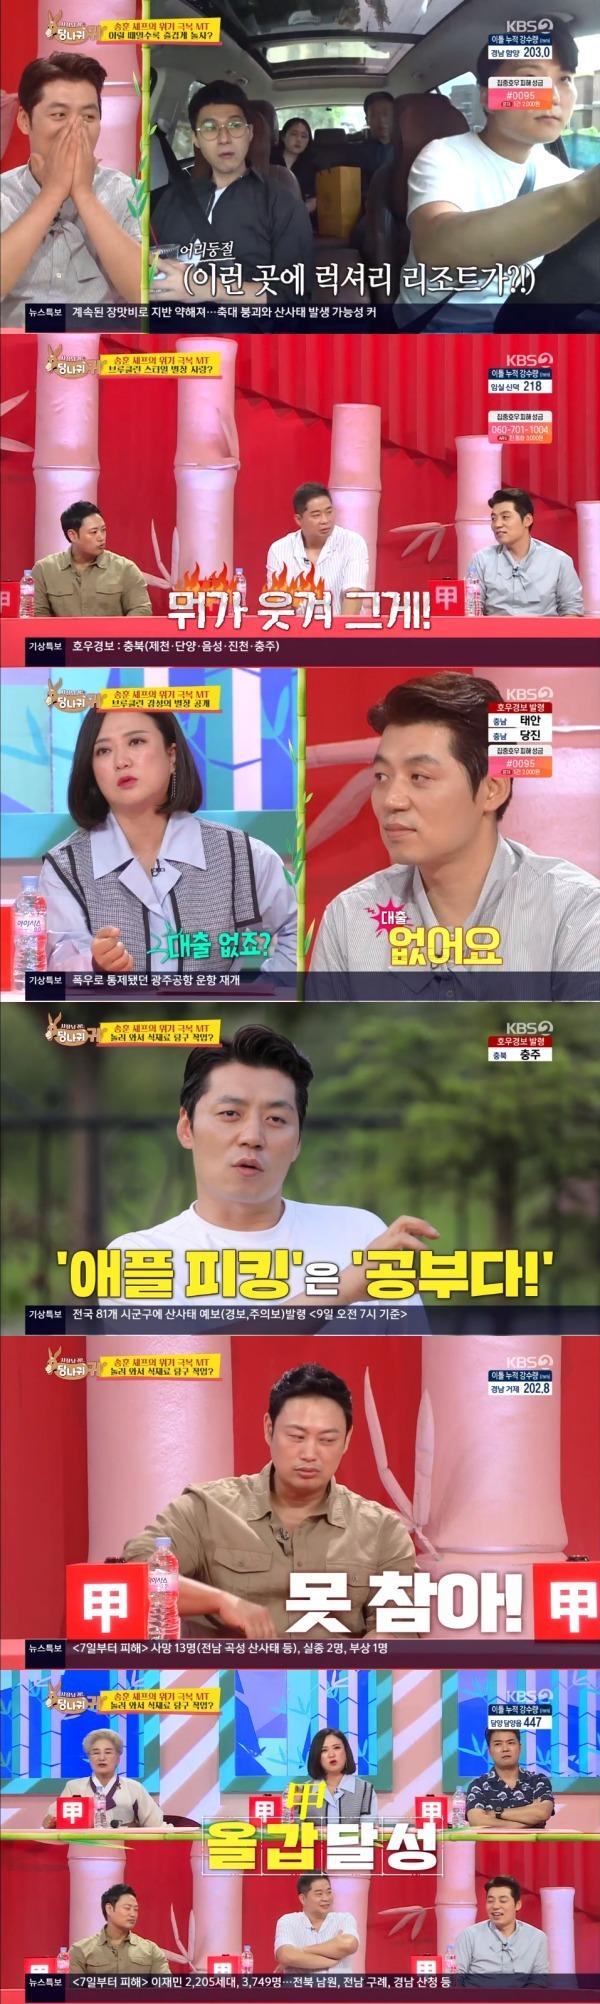 KBS 2TV '사장님 귀는 당나귀 귀'© 뉴스1